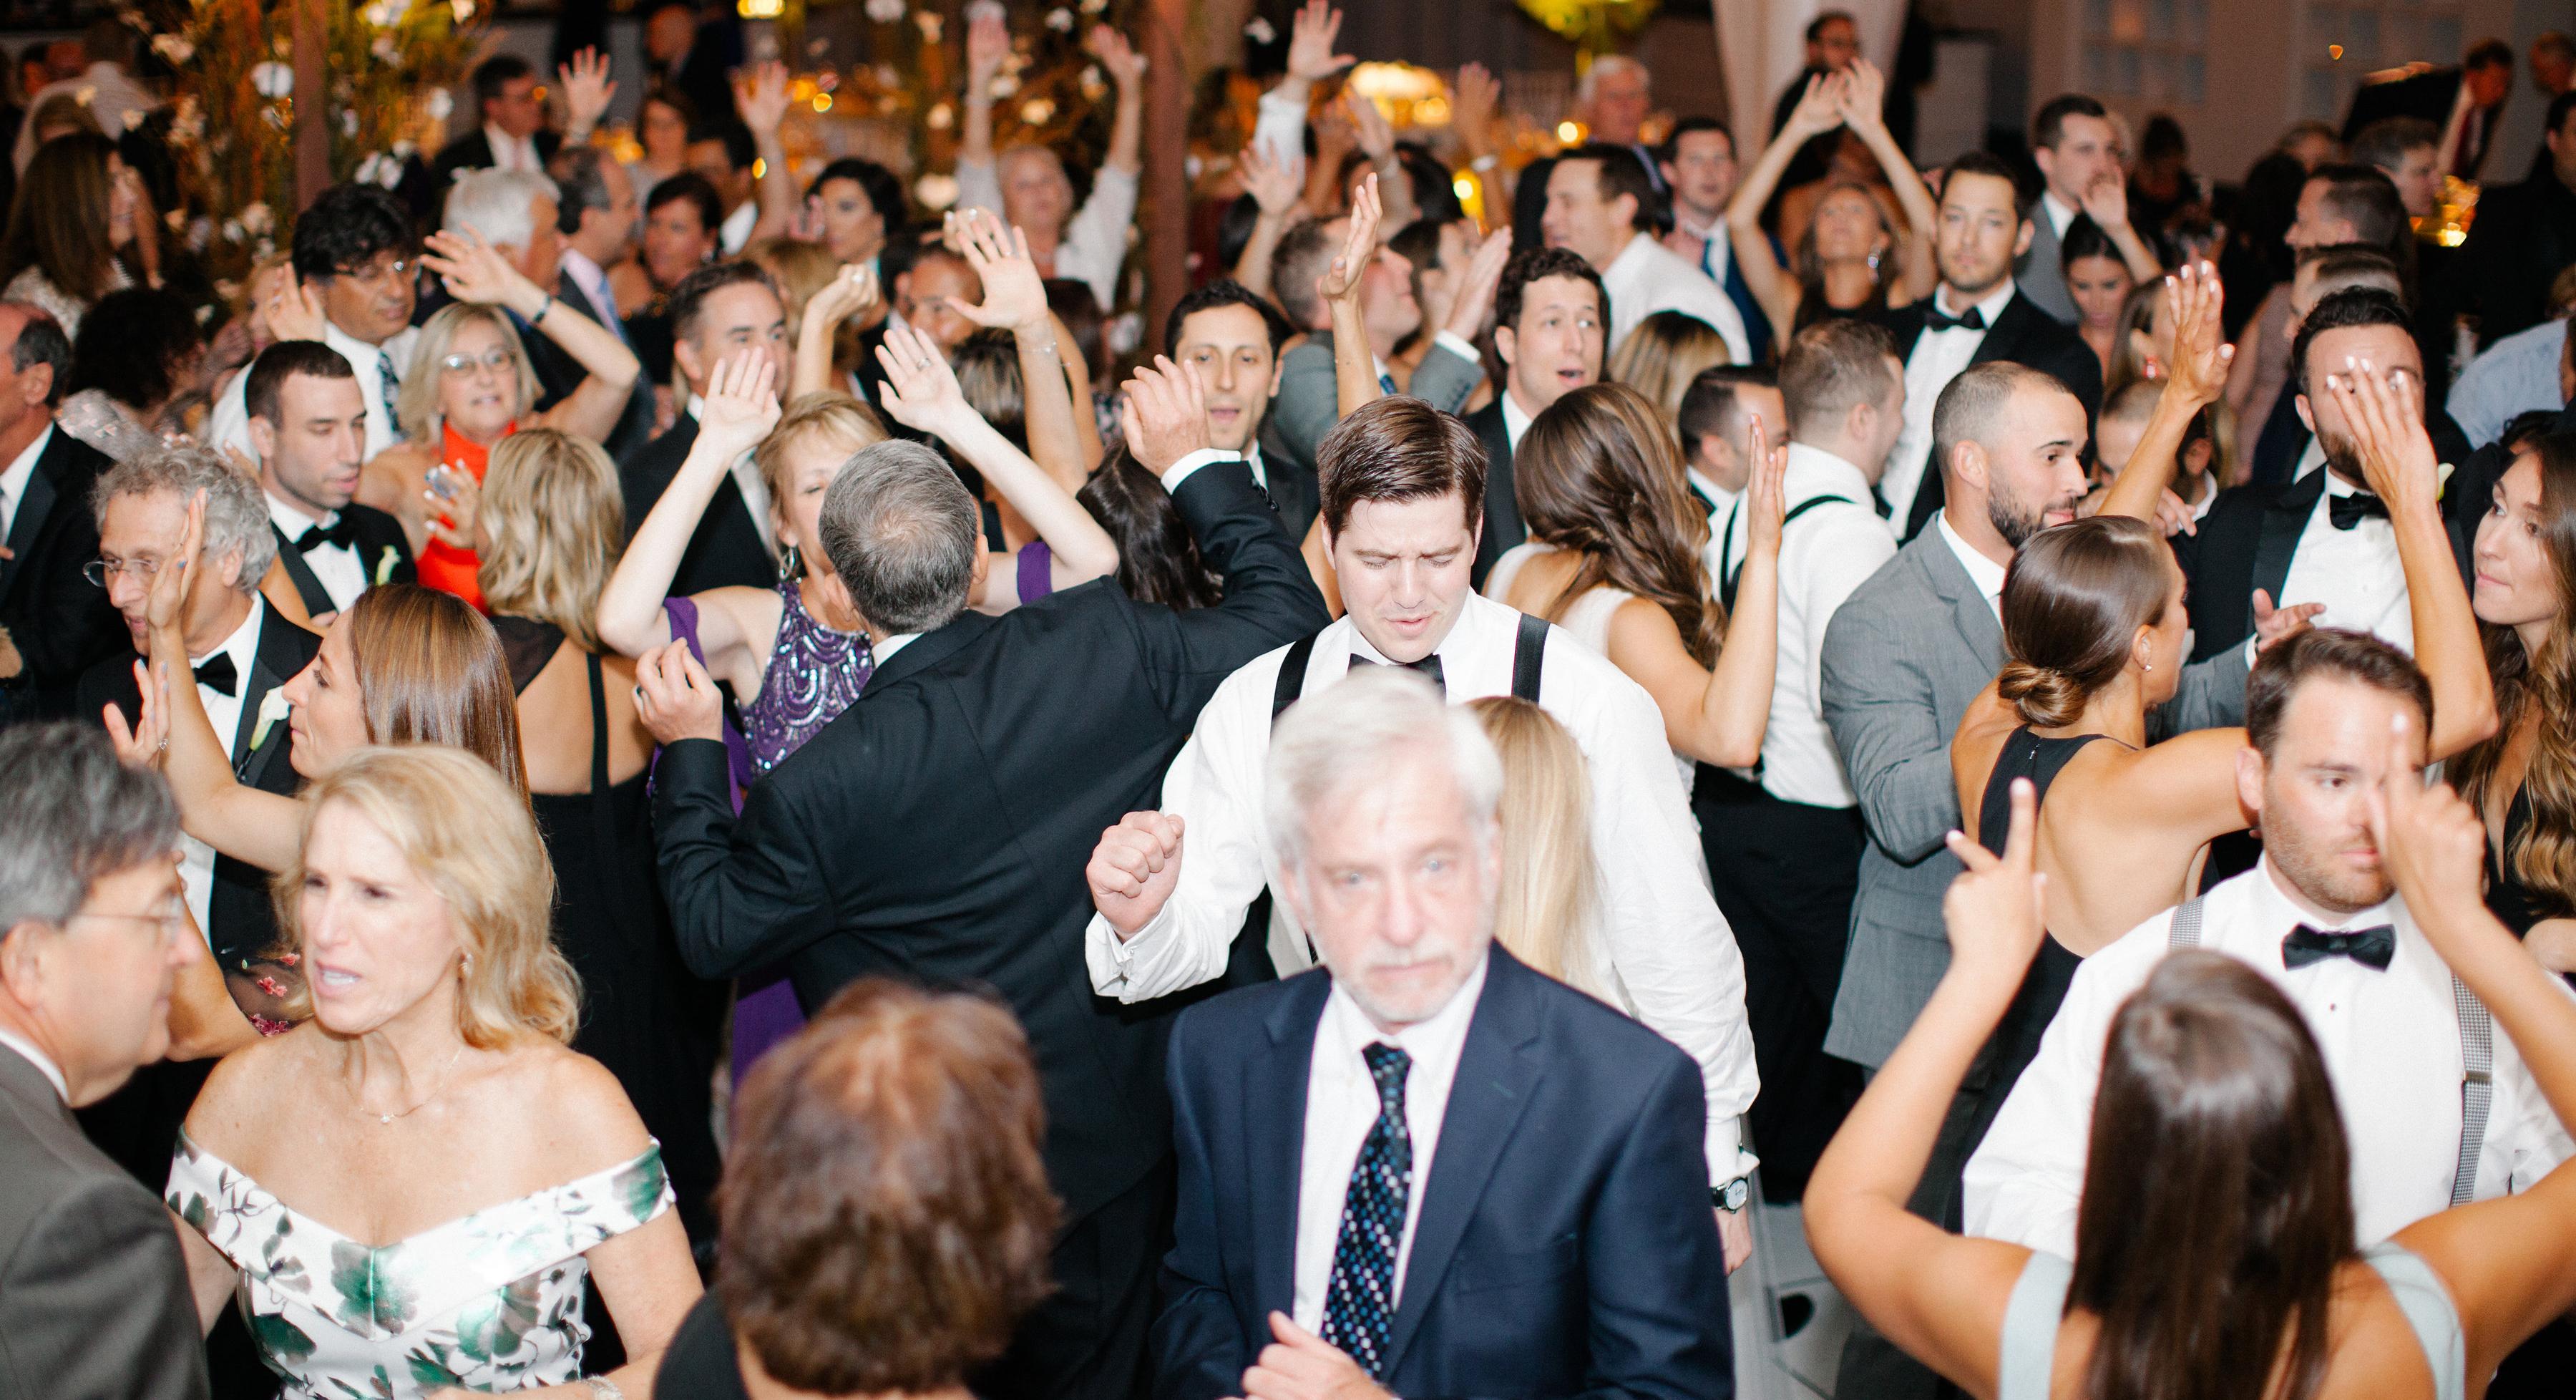 Real Weddings: Julie & Justin